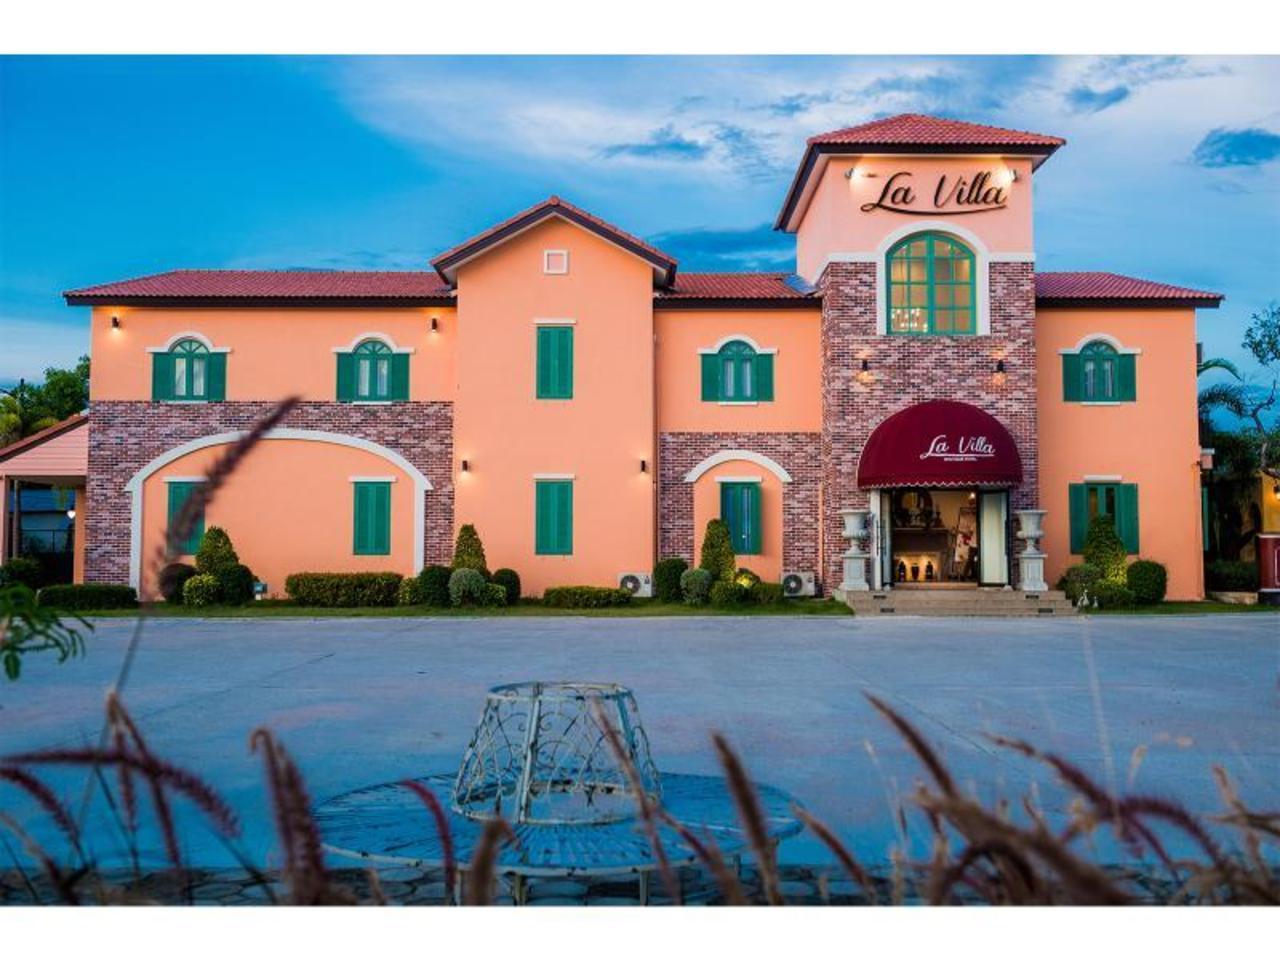 ลา วิลลา บูทิค โฮเต็ล (La Villa Boutique Hotel)